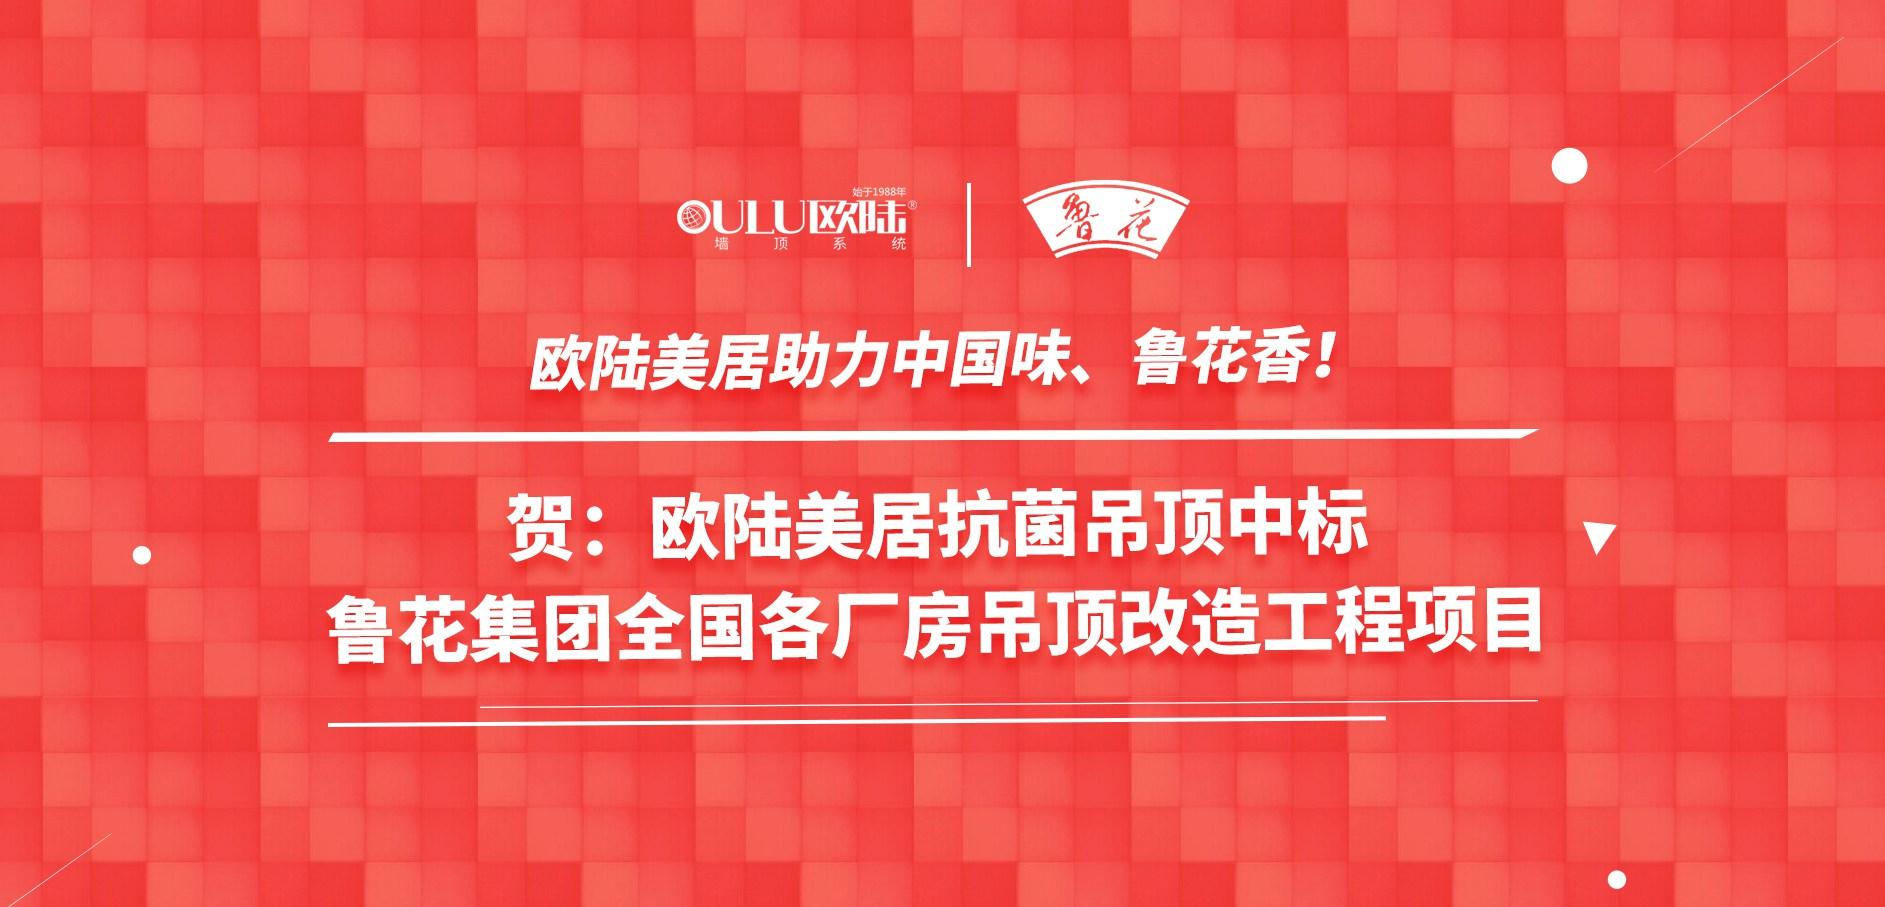 欧陆美居抗菌吊顶成功应用国家龙头企业鲁花集团,国顶荣耀助力中国味鲁花香!